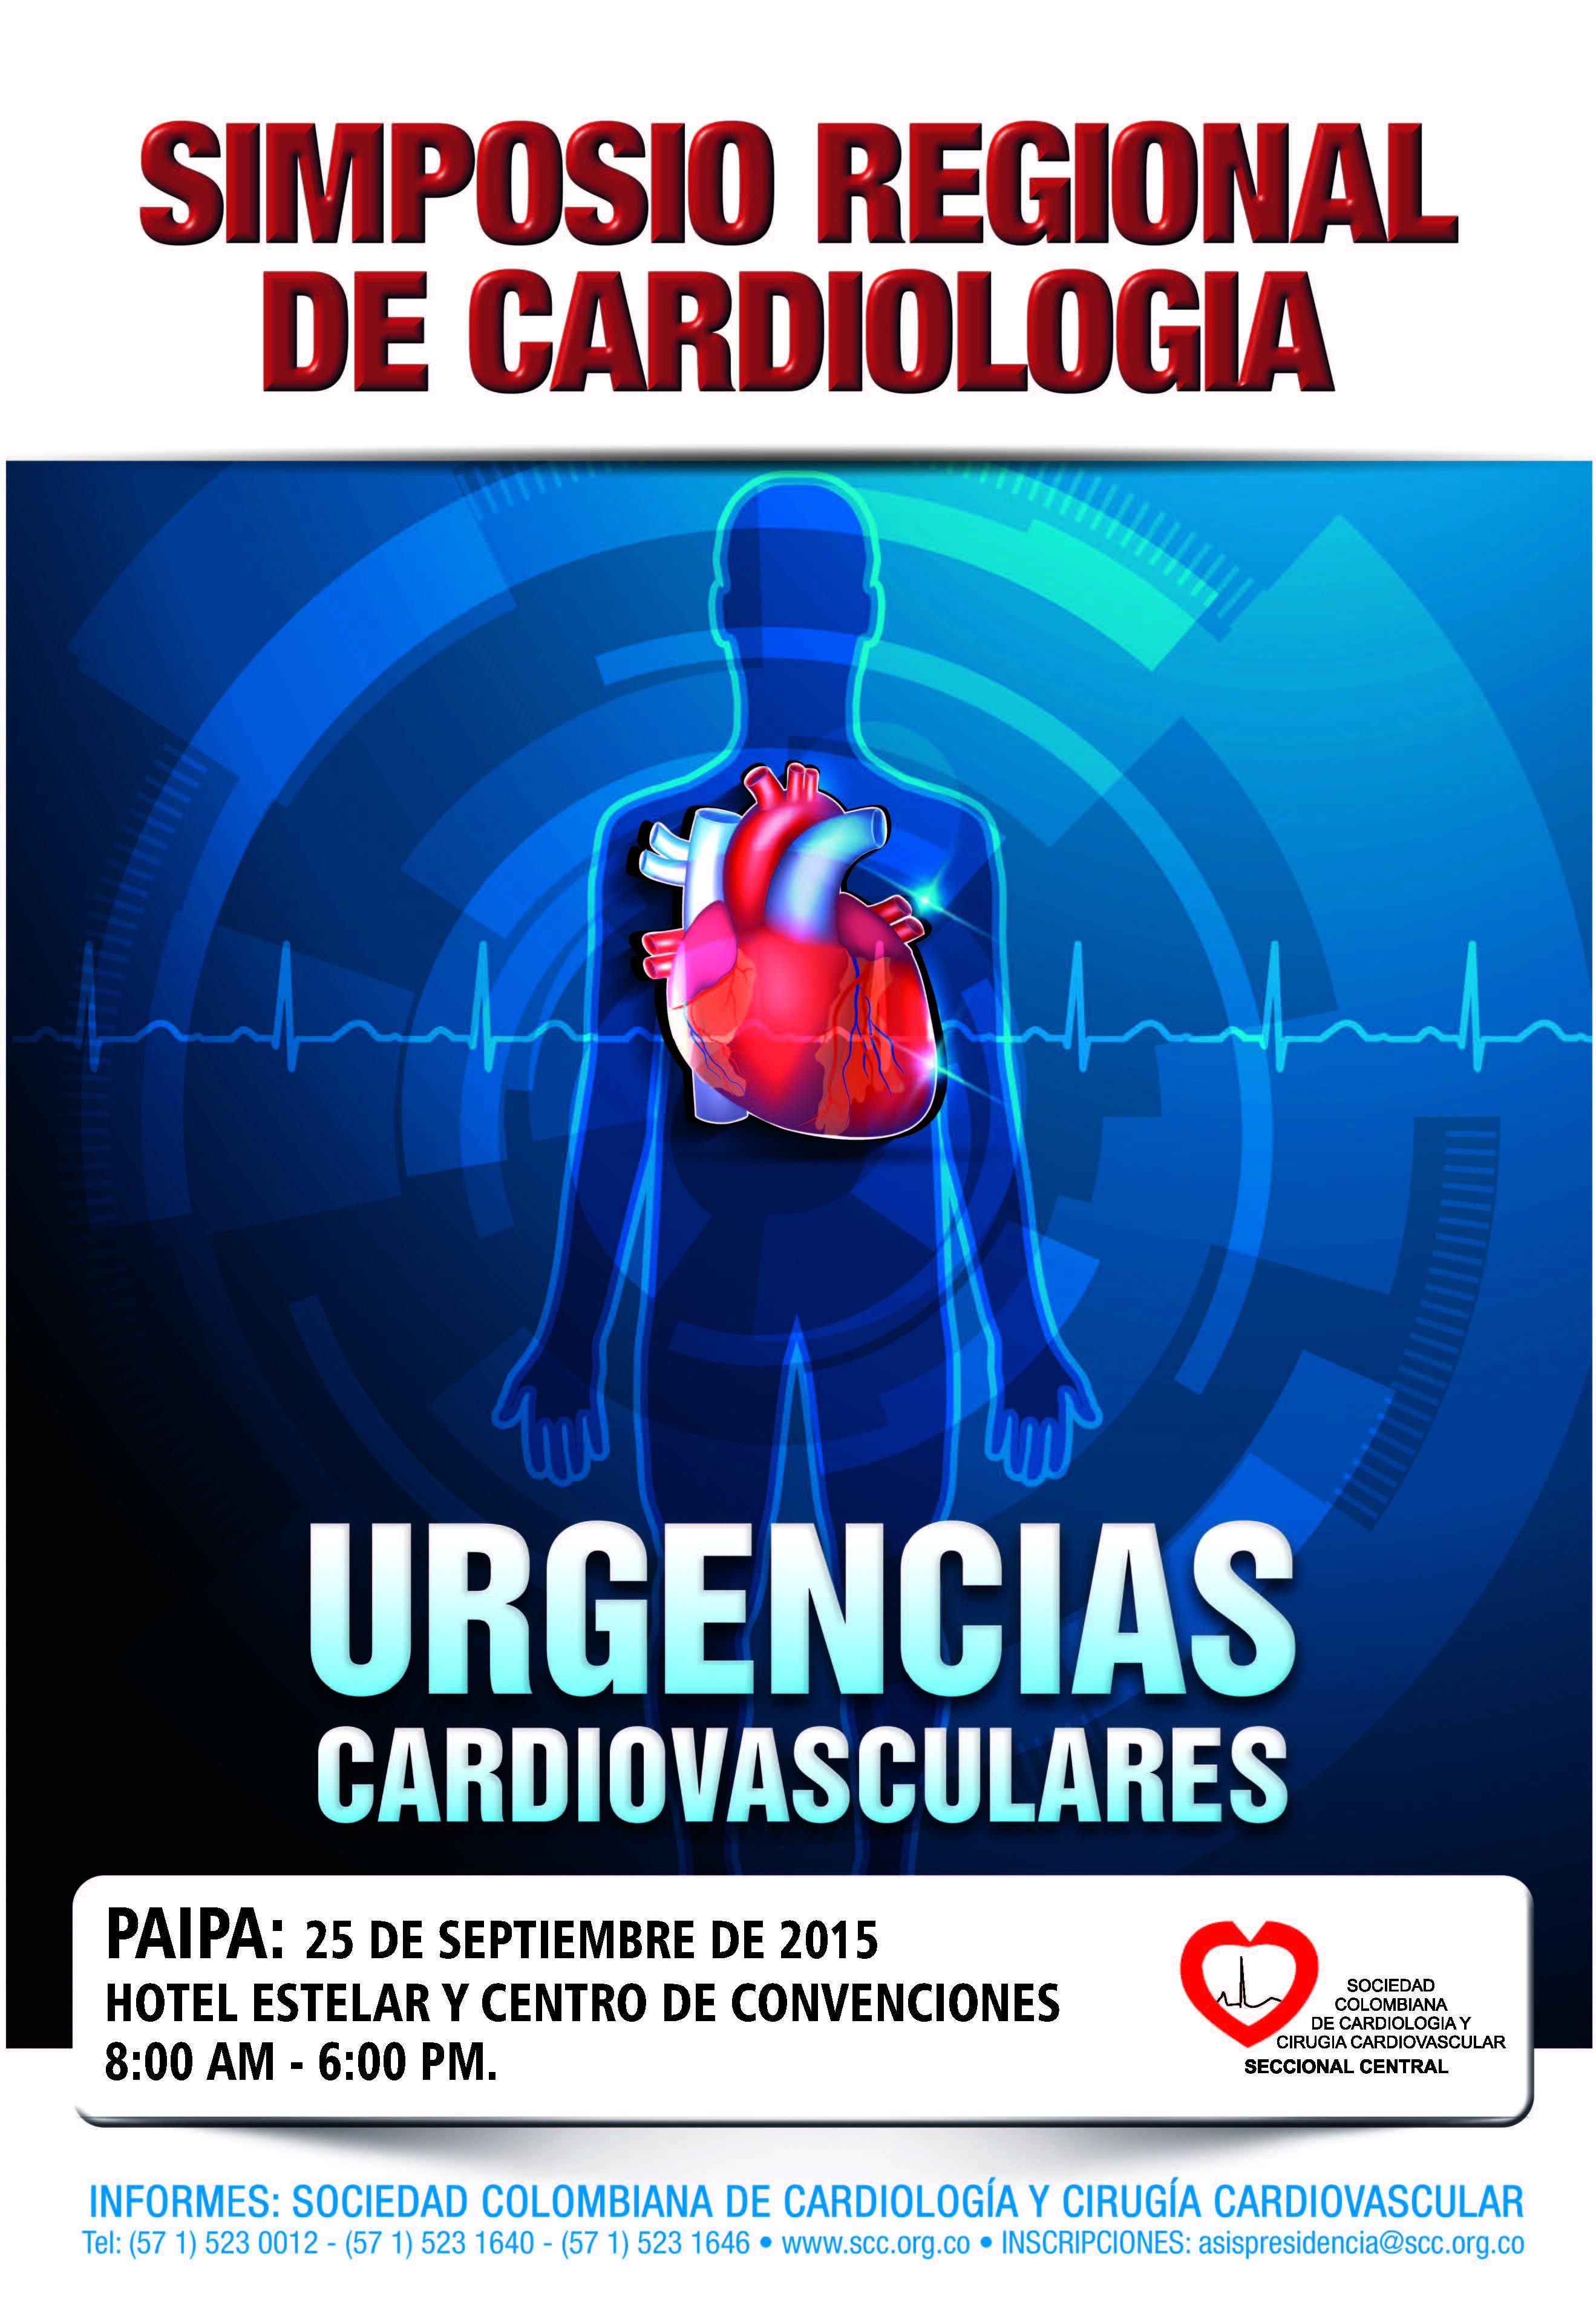 Simposio Regional de Cardiologia @ Paipa /Hotel Estelar y Centro de Convenciones